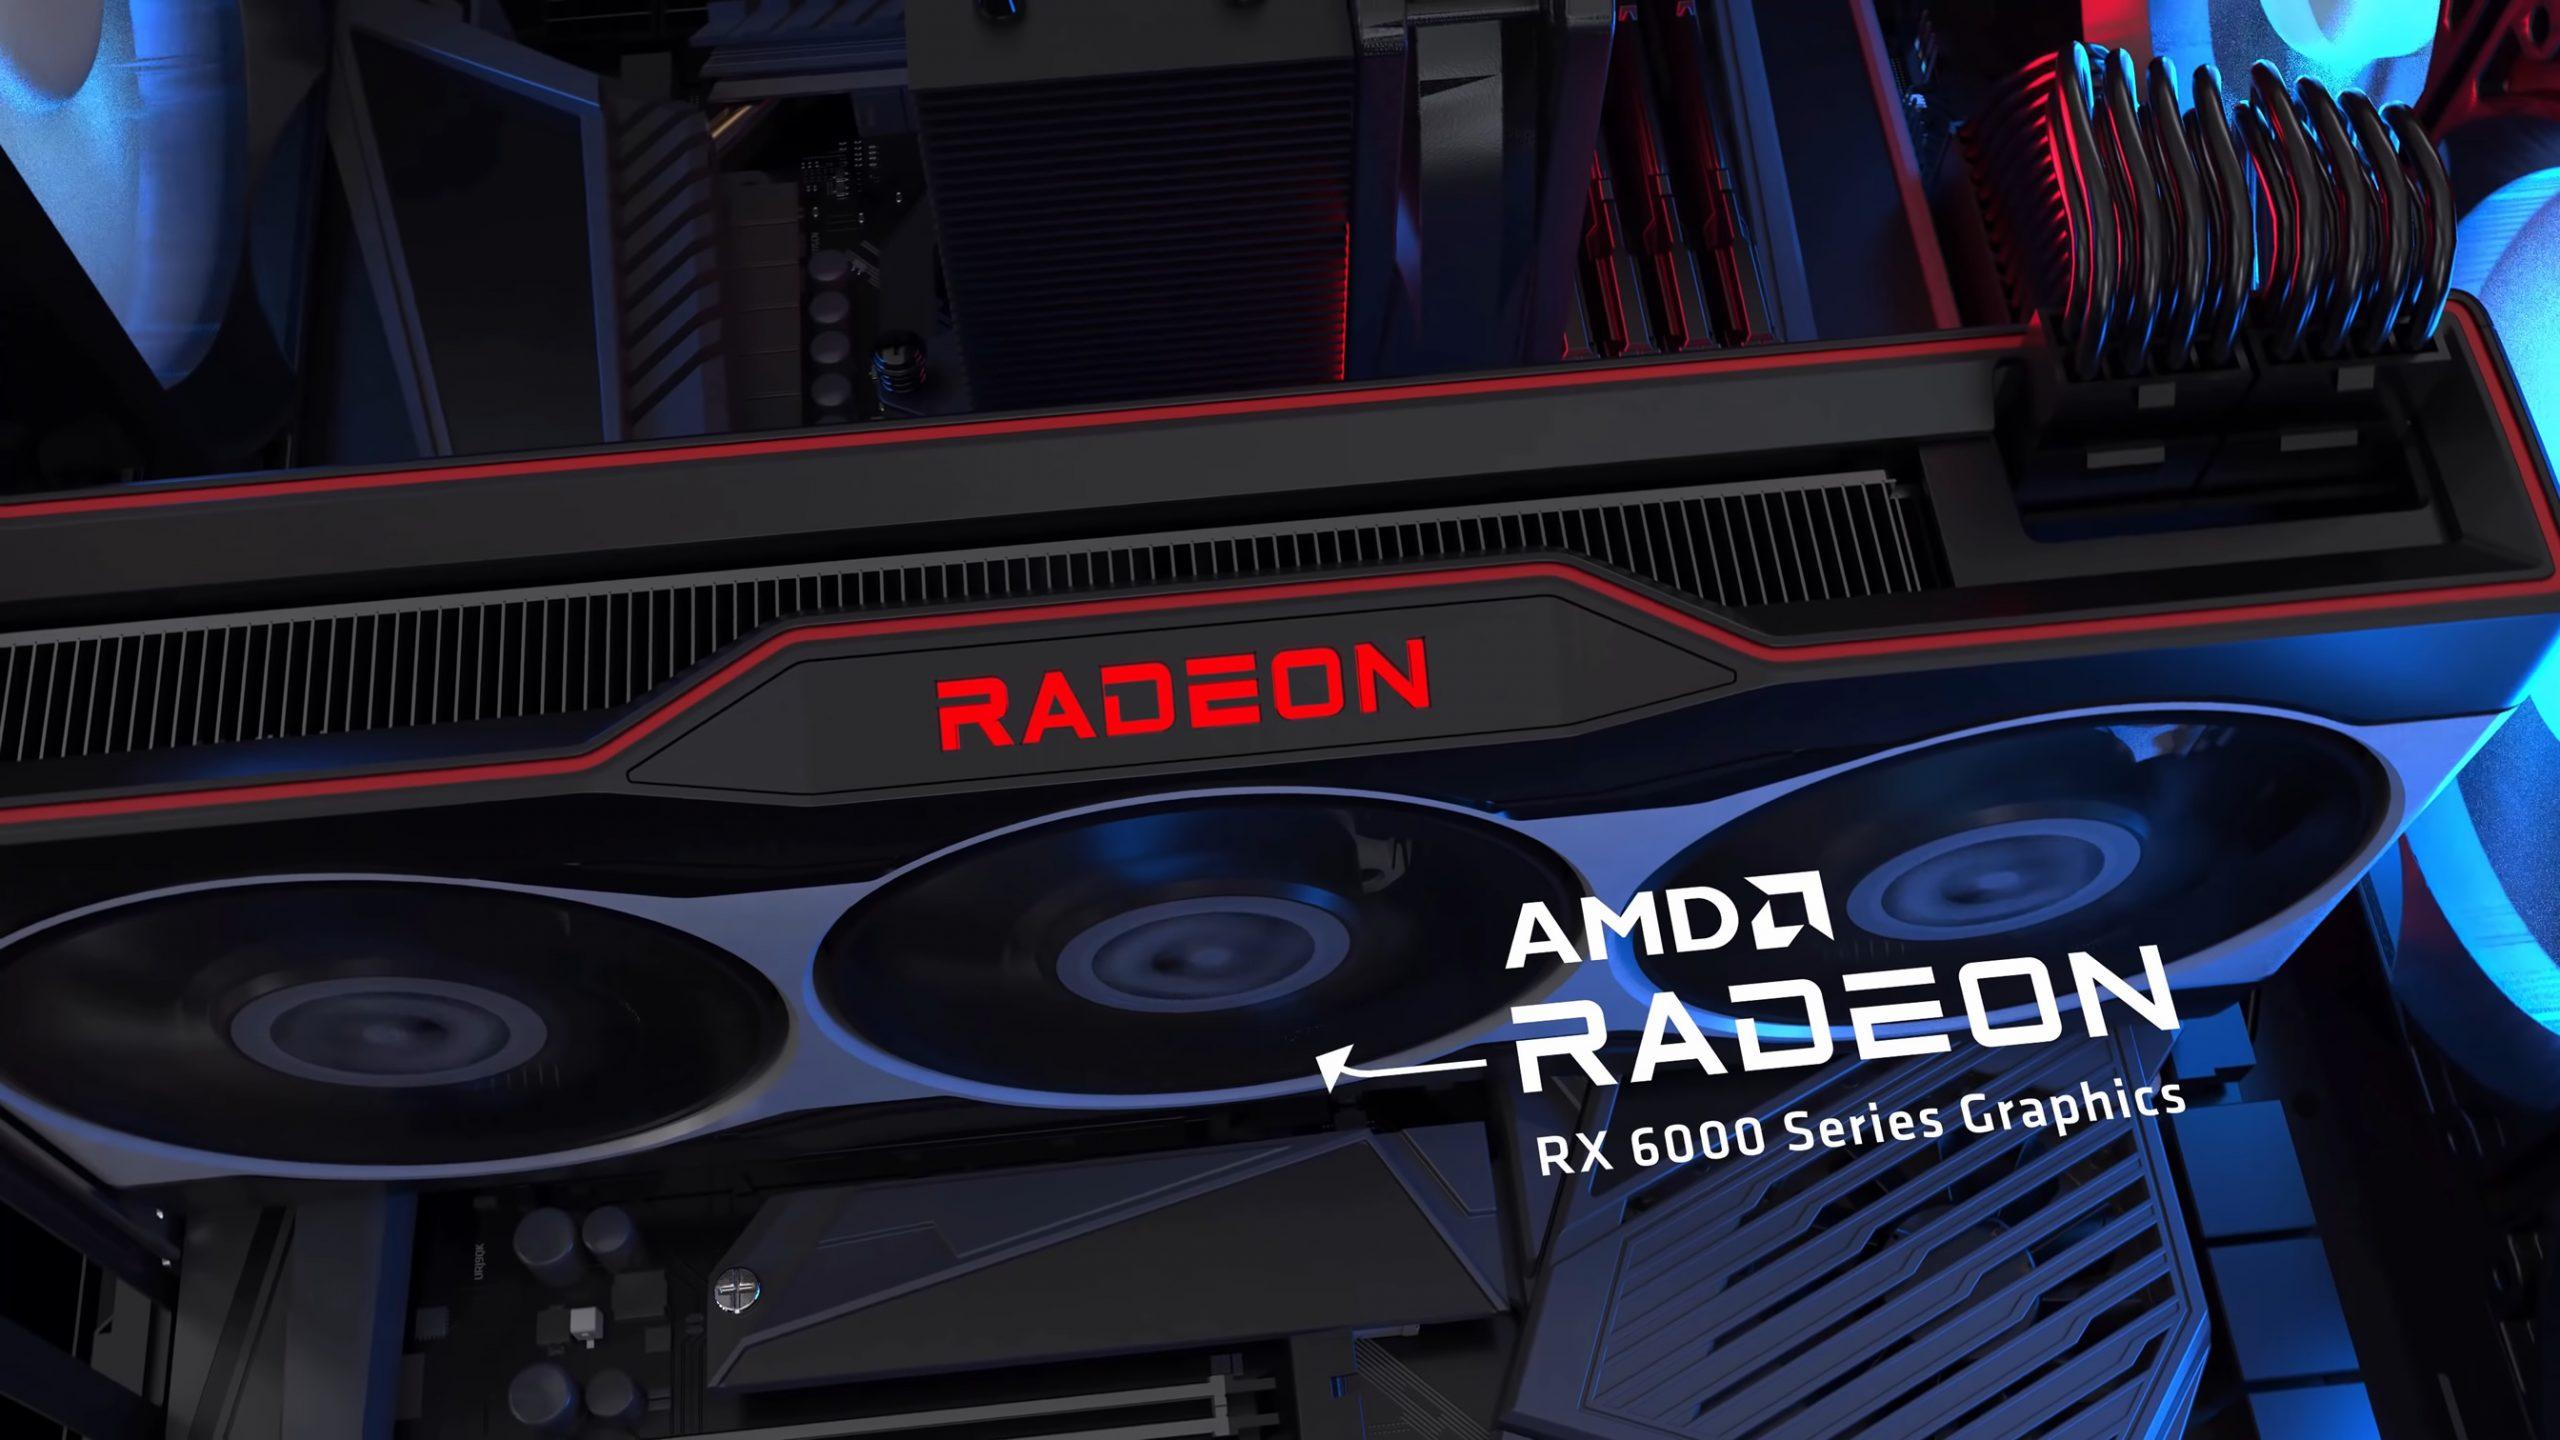 [Exclusiva] AMD Radeon RX 6800 XT por 799,95€ y Radeon RX 6800 por 719,95€